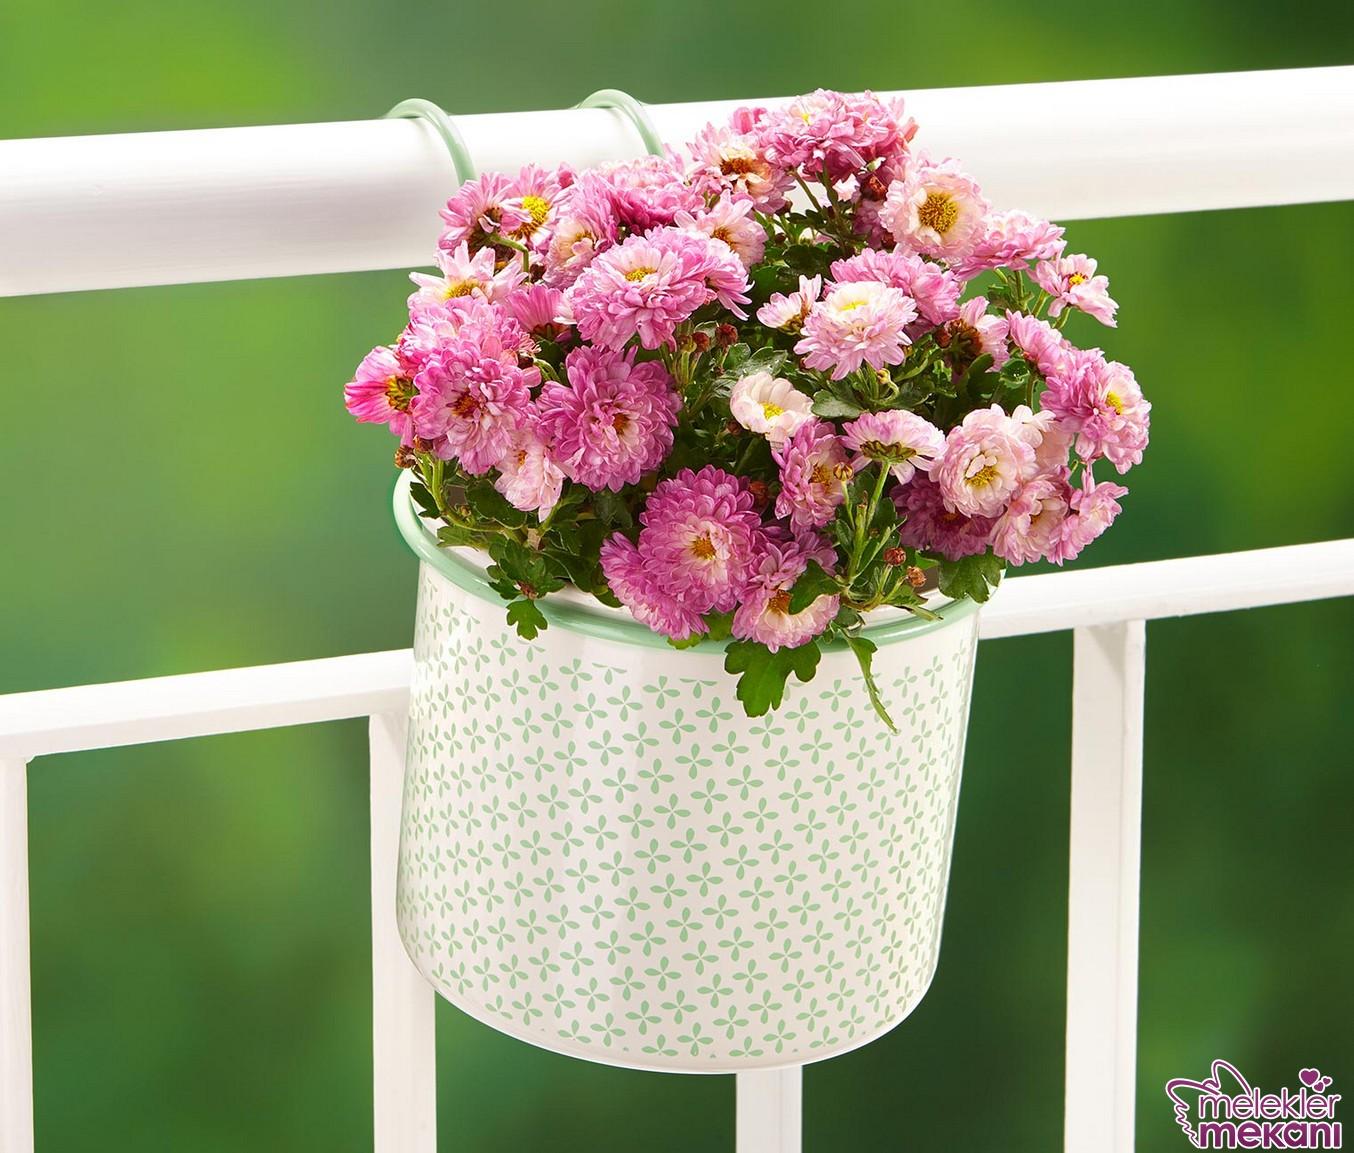 Askılı balkon saksıları sade balkon görünümü yakalamak isteyenlerin yardımcısı olabilecektir.